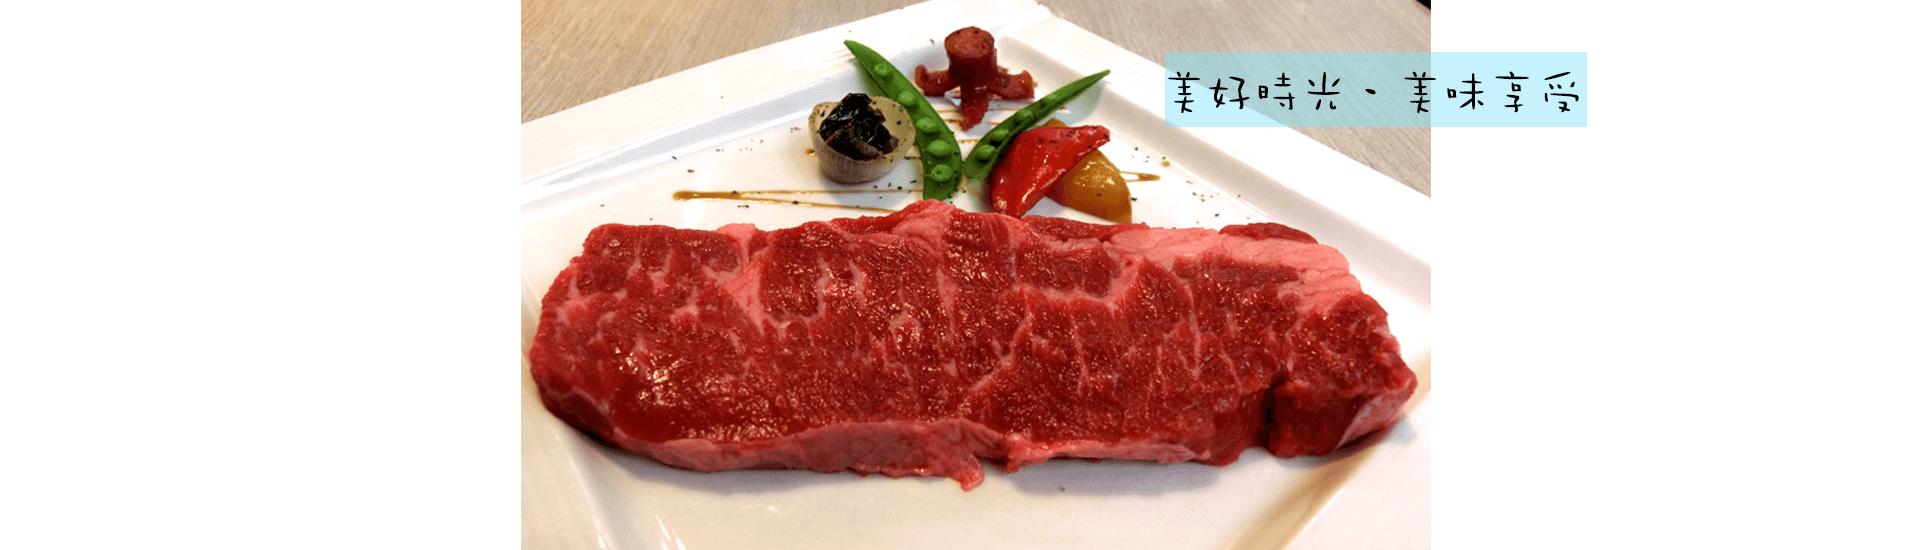 牛排、排餐 - 加栗諾